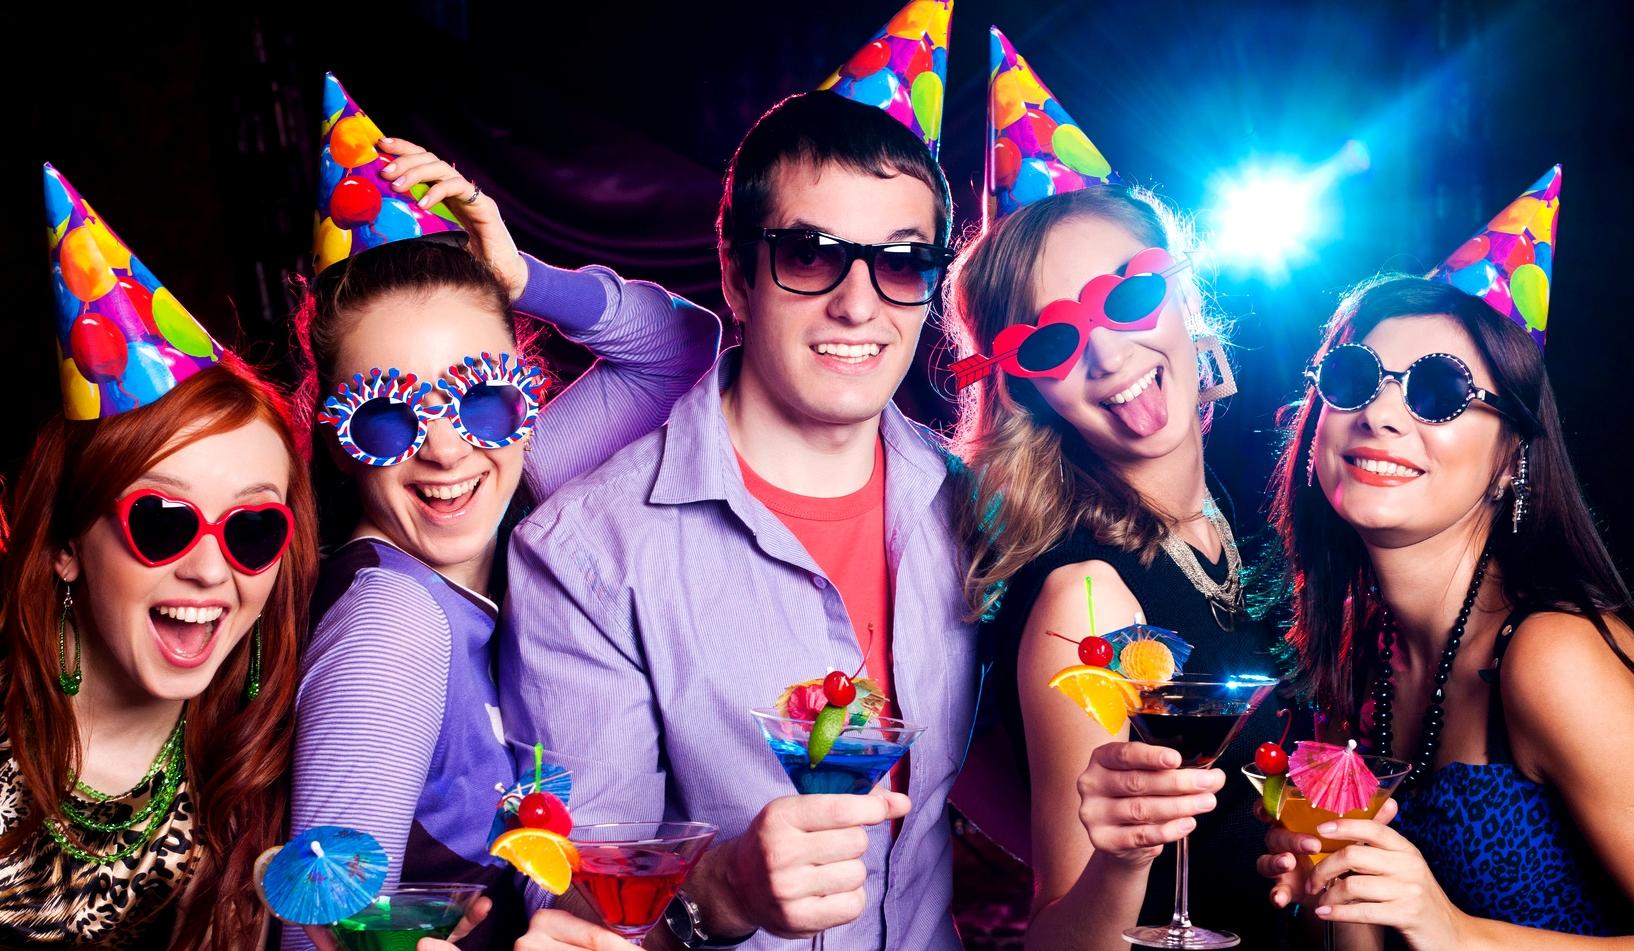 Вечеринка и пати видео